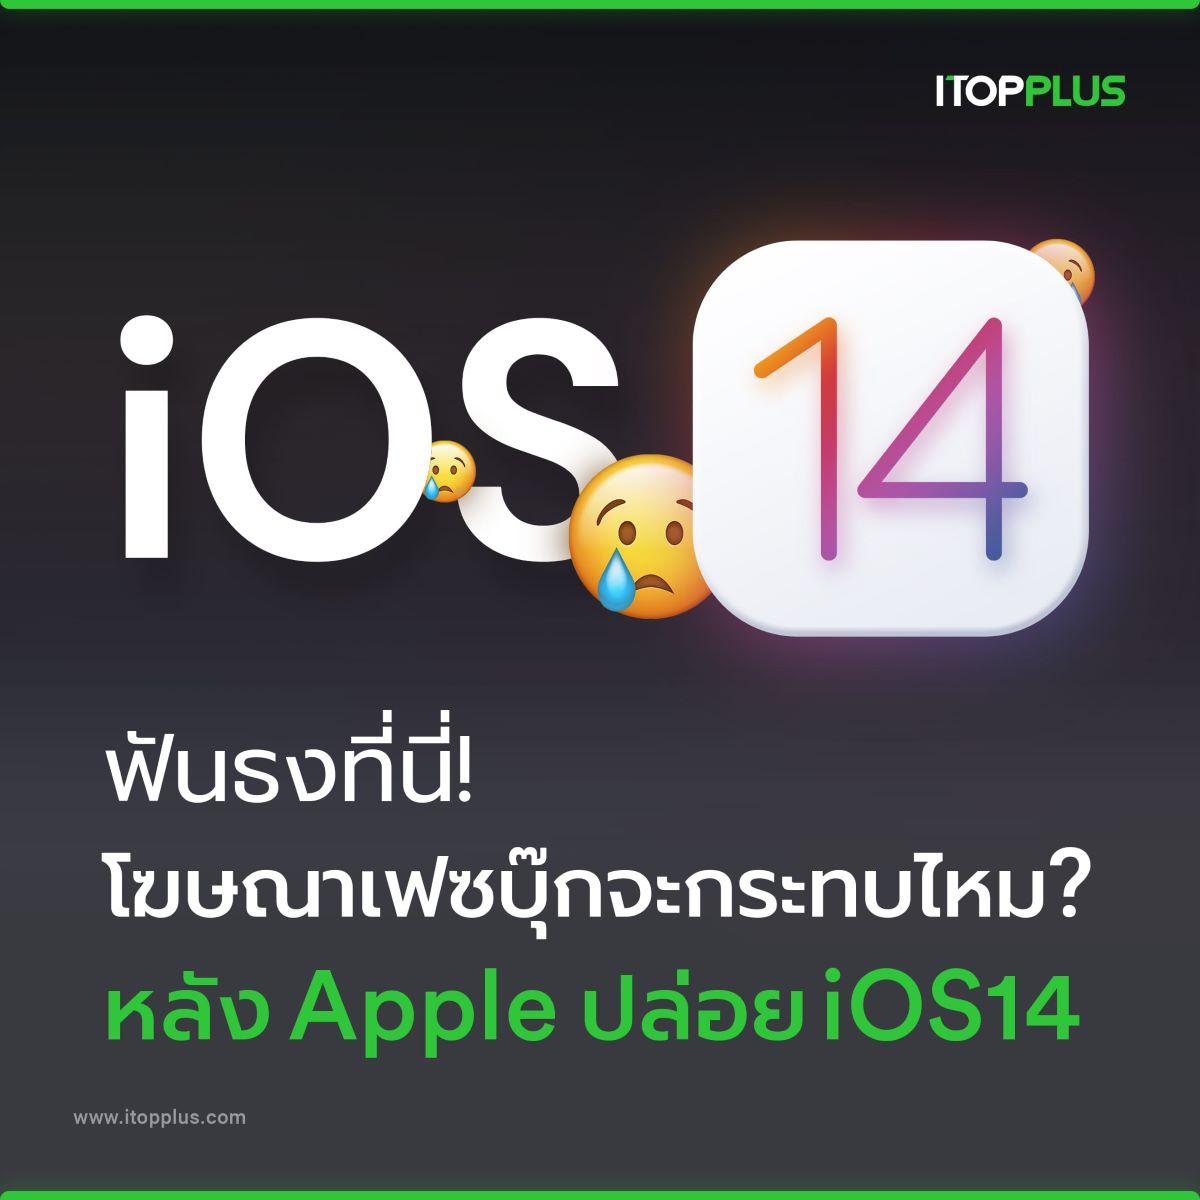 ฟันธงที่นี่! โฆษณาบนเฟซบุ๊กจะกระทบไหม? หลัง Apple ปล่อย iOS14